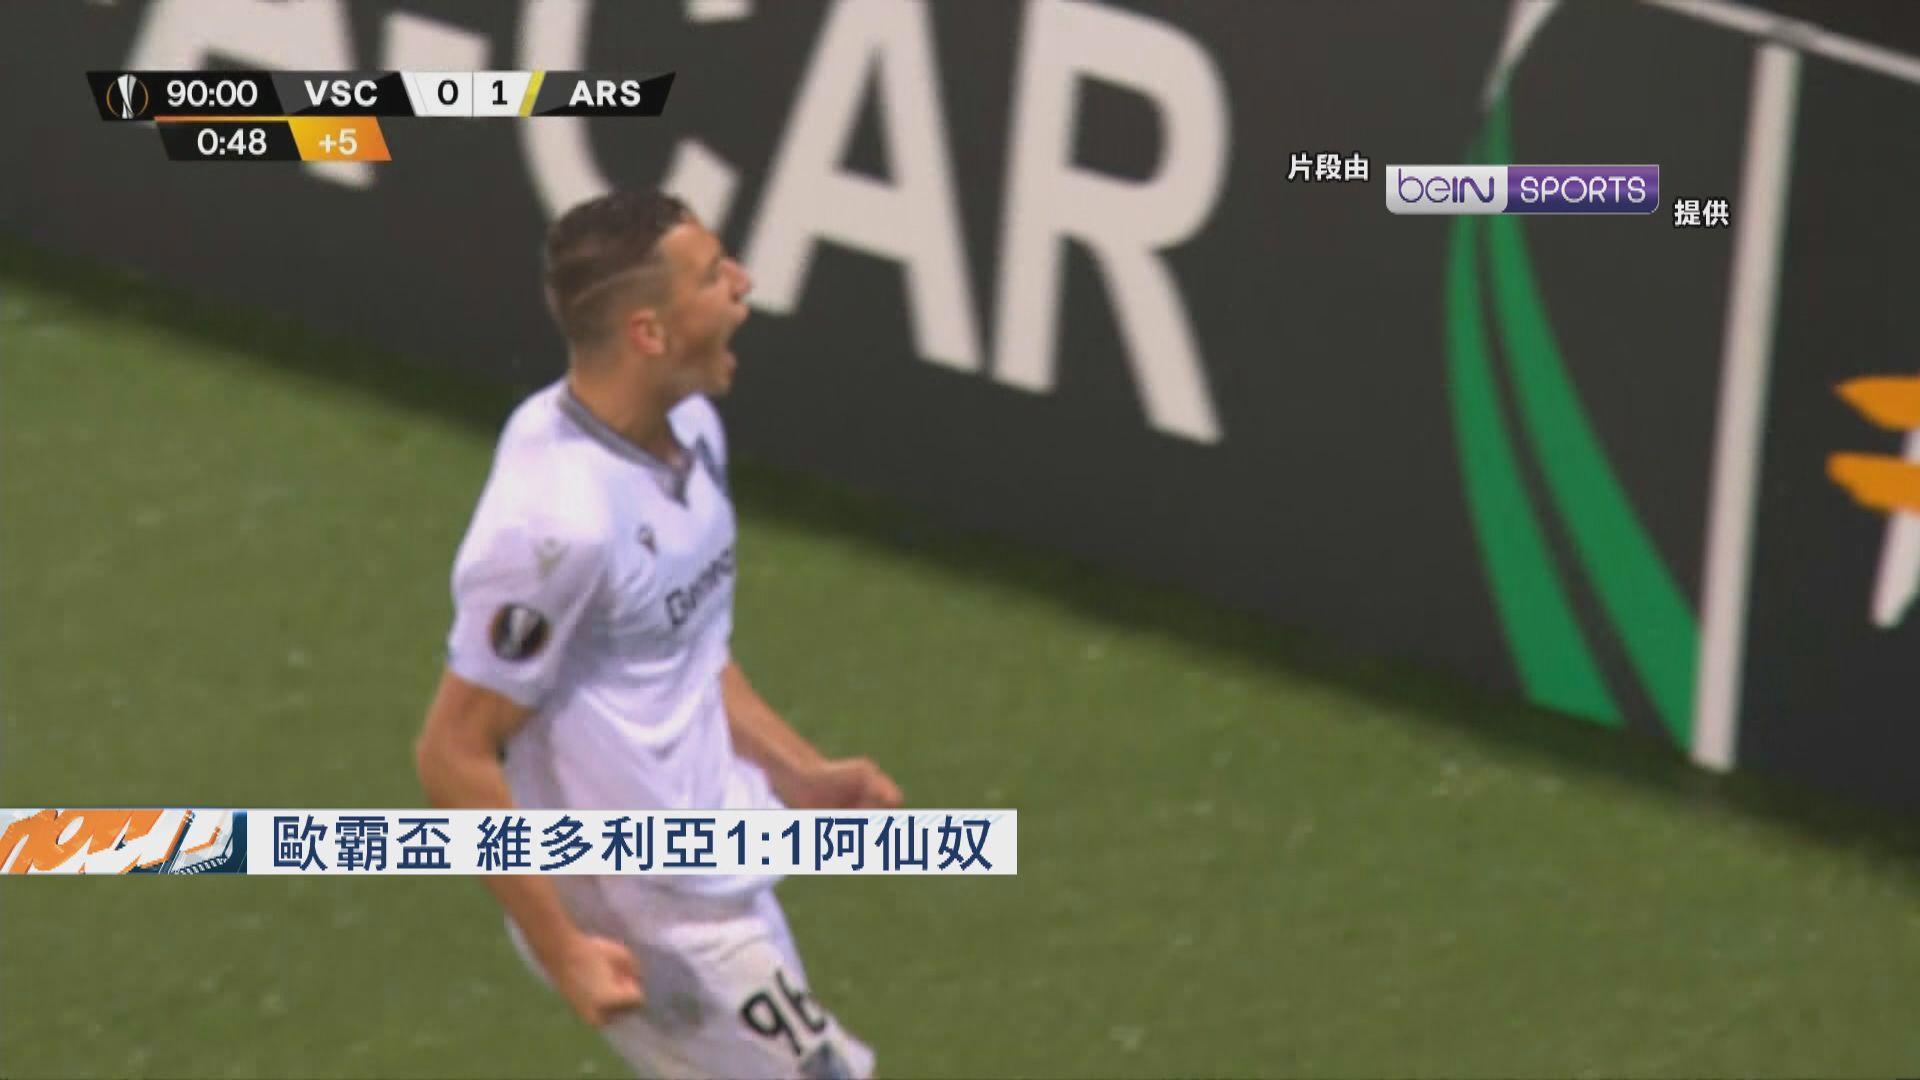 歐霸盃 維多利亞1:1阿仙奴